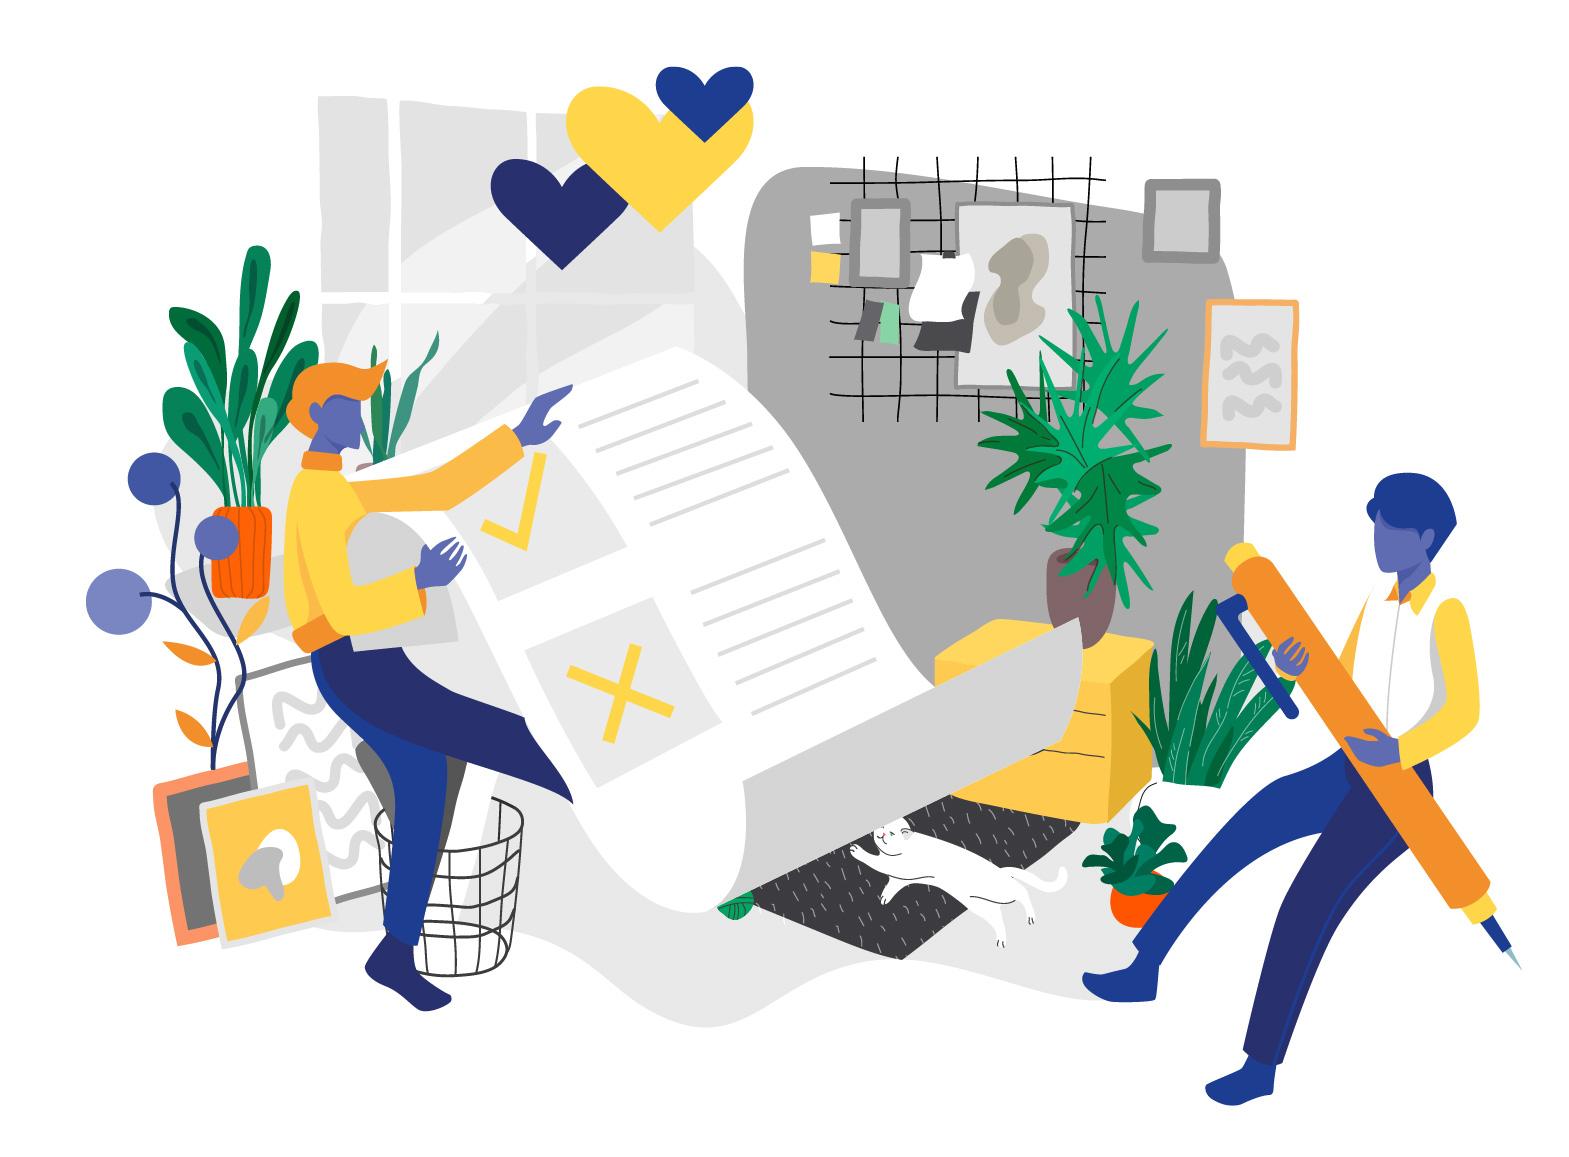 Artigo Remote work experience